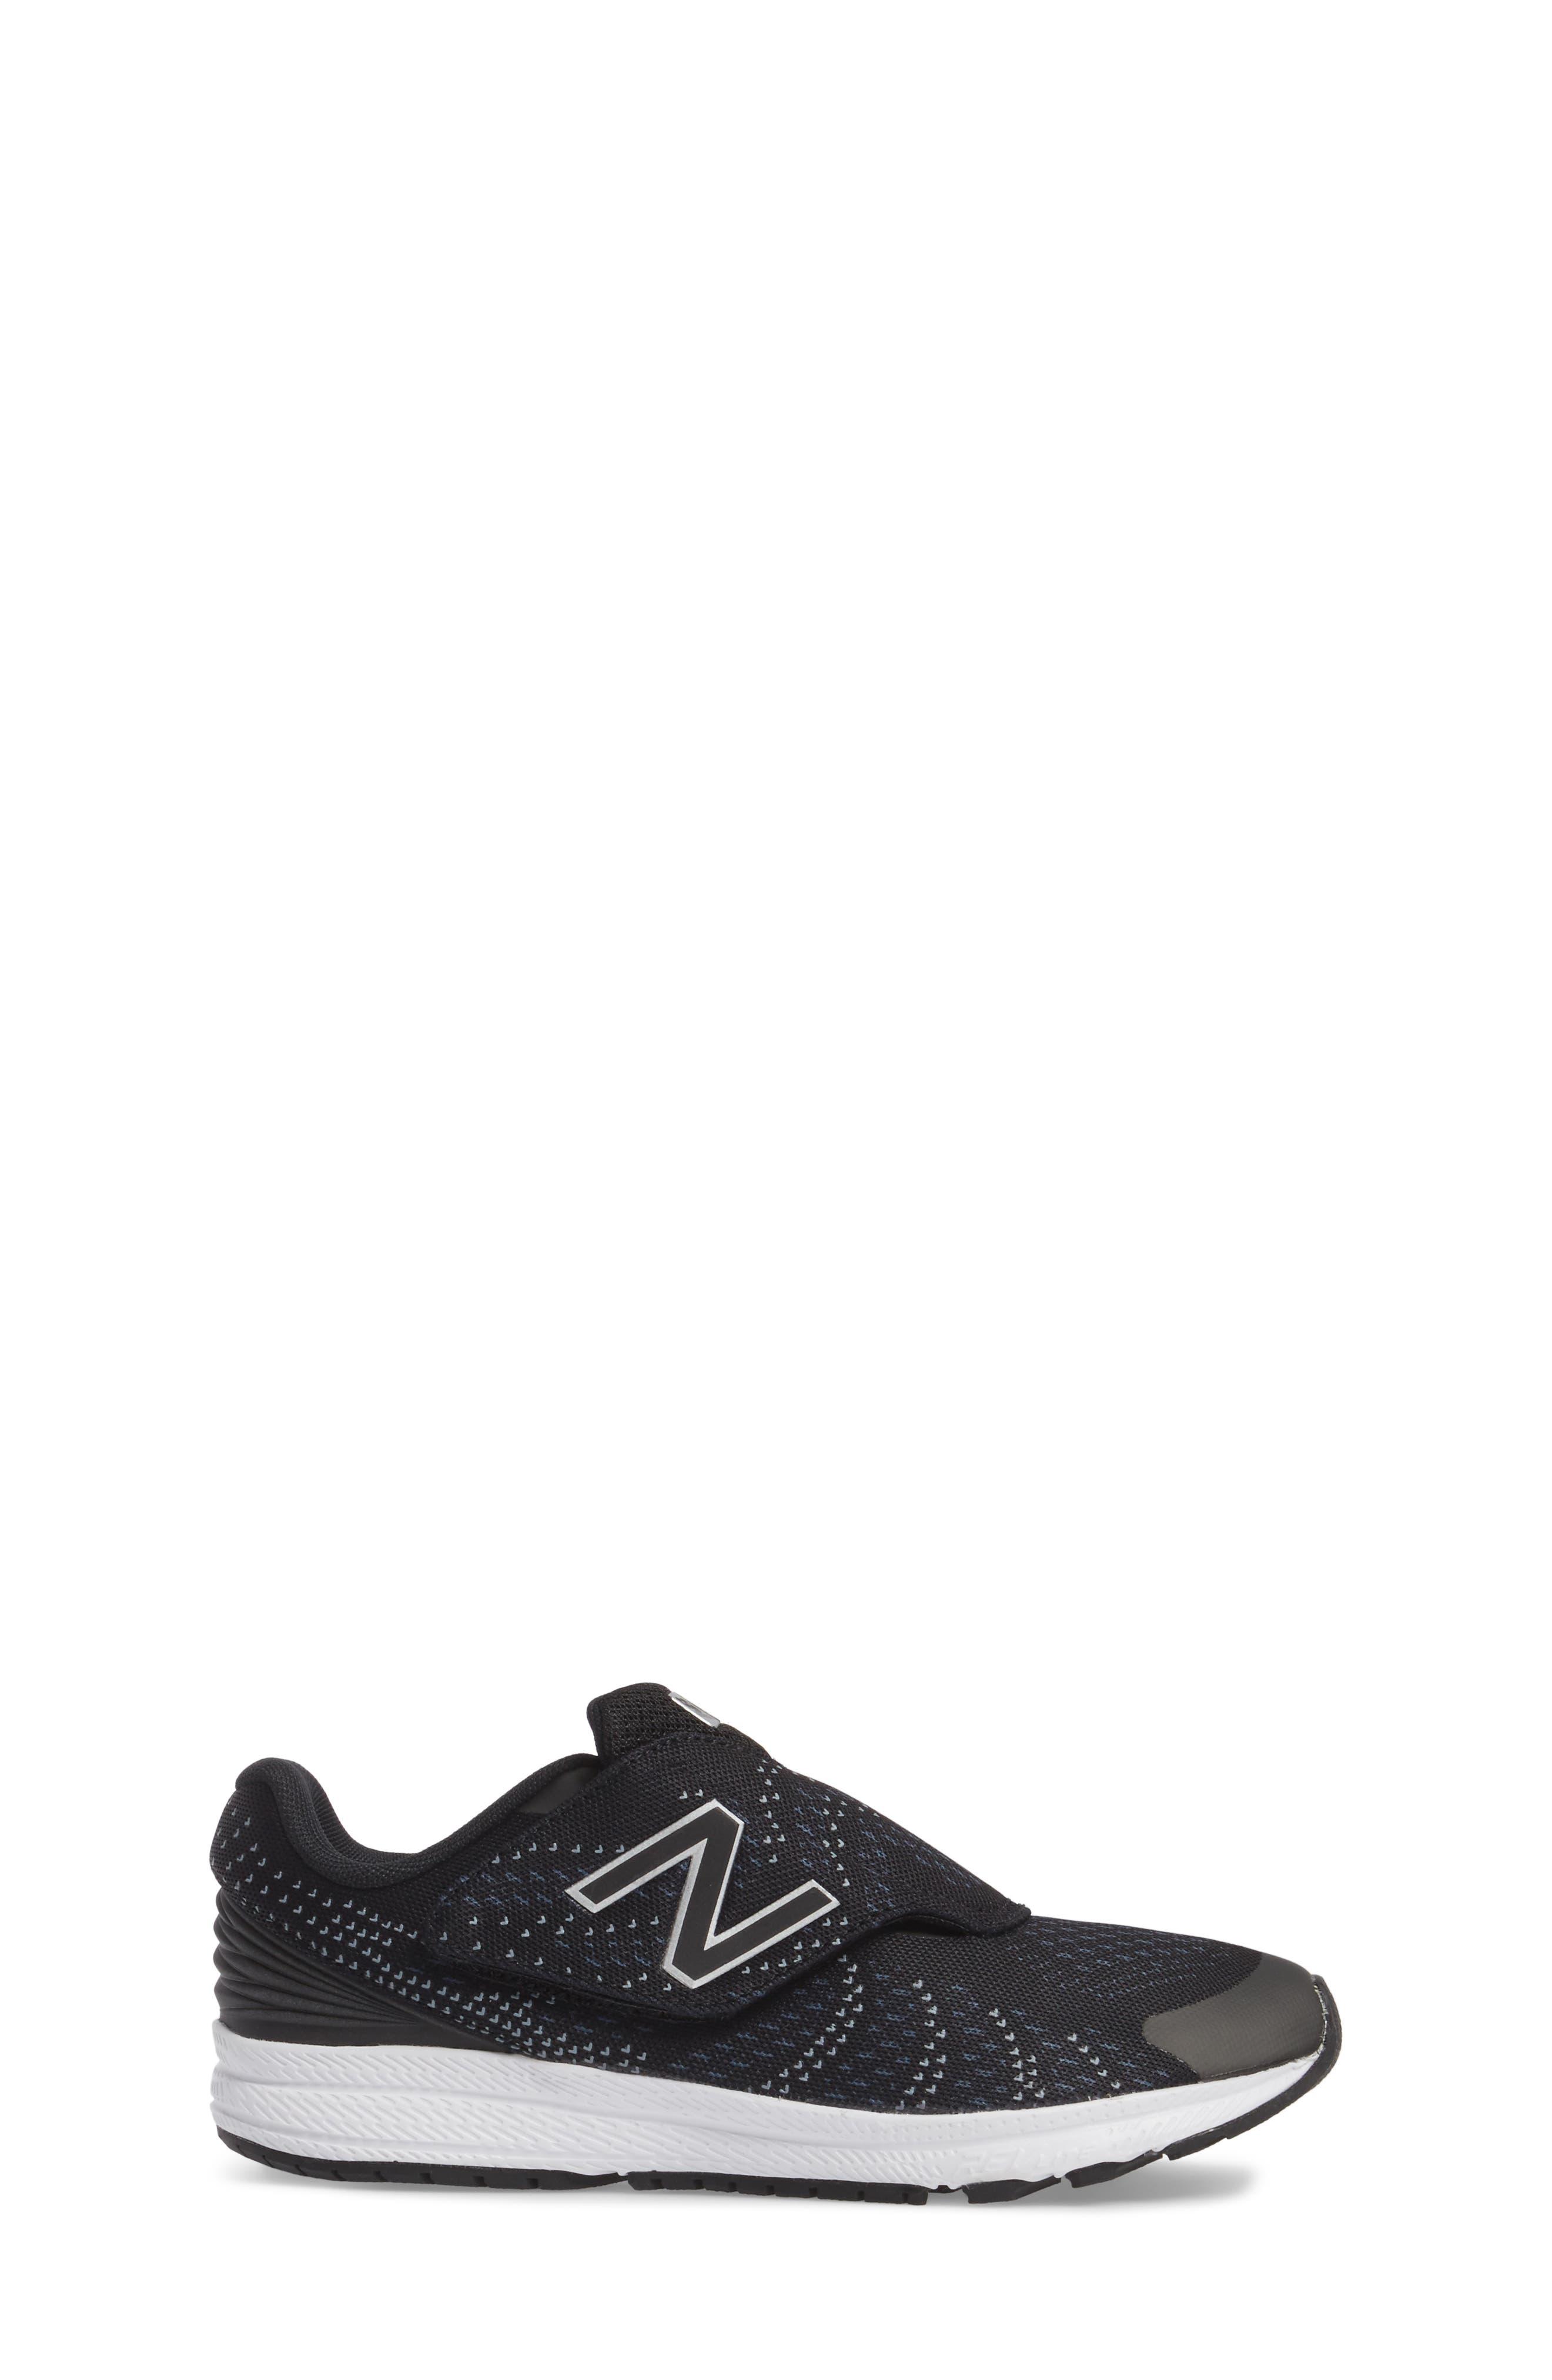 FuelCore Rush v3 Sneaker,                             Alternate thumbnail 3, color,                             Black